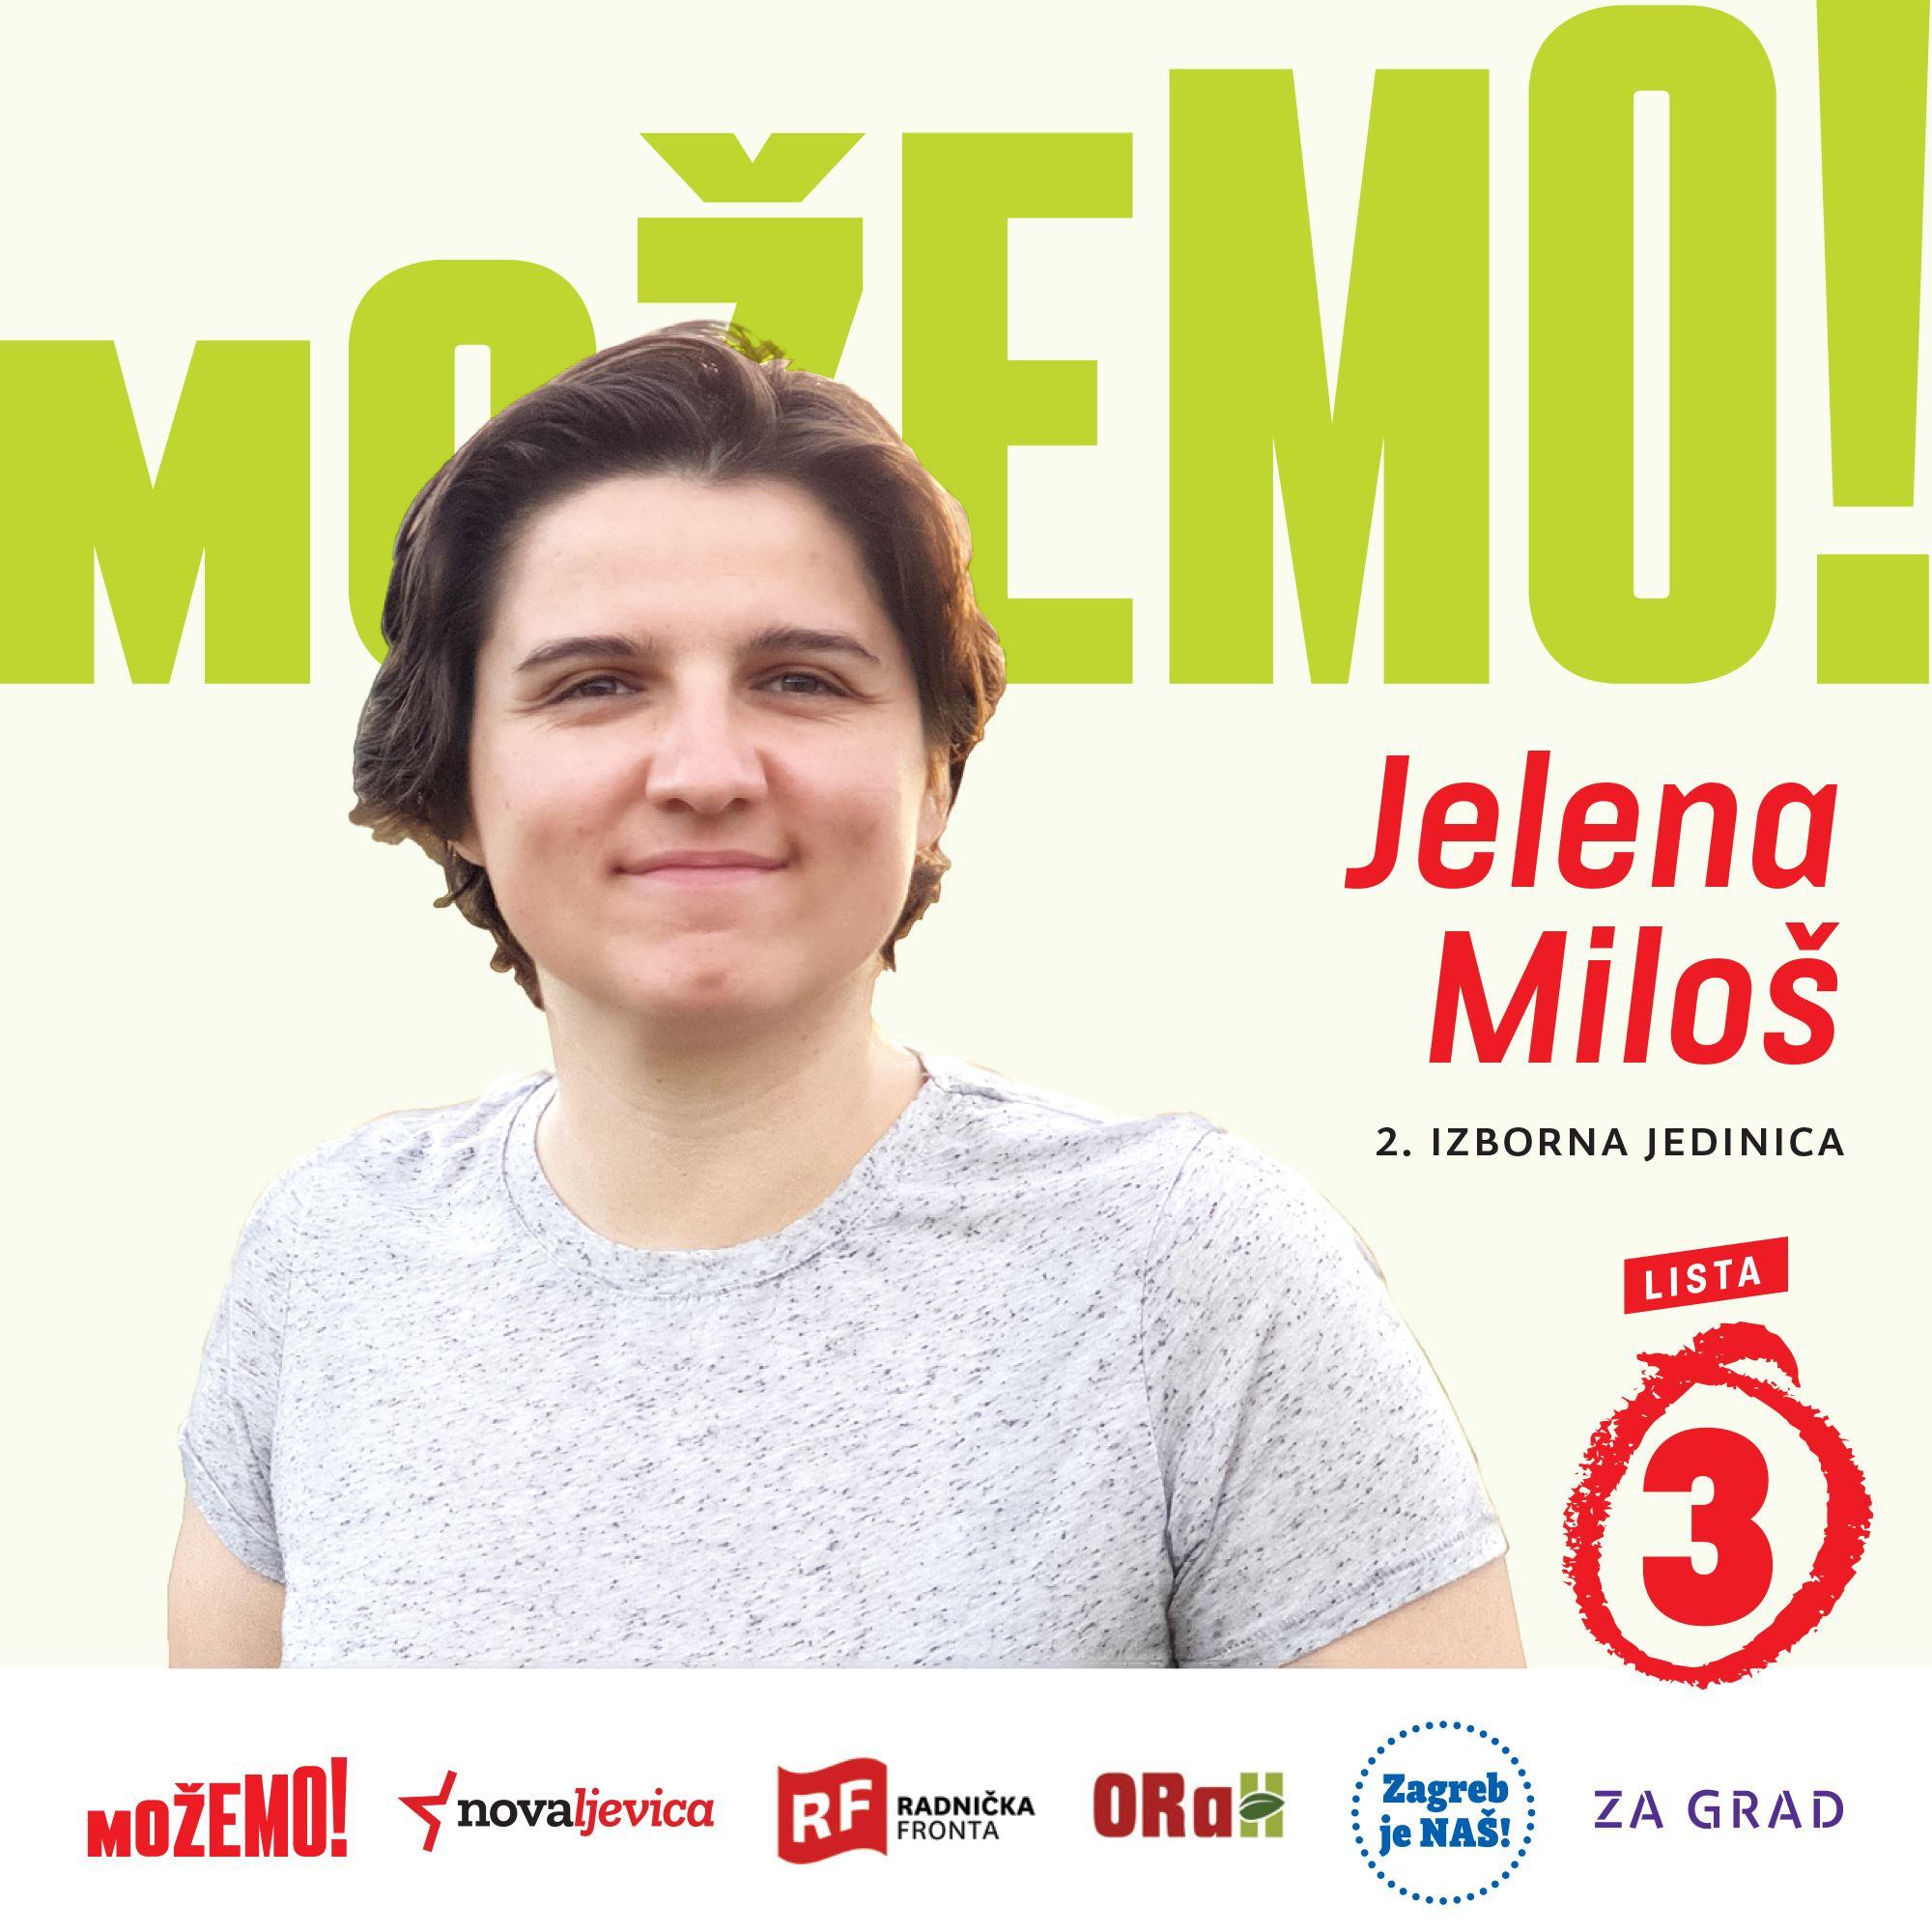 Predstavljamo Jelenu Miloš, drugu na našoj listi u 2. izbornoj jedinici!